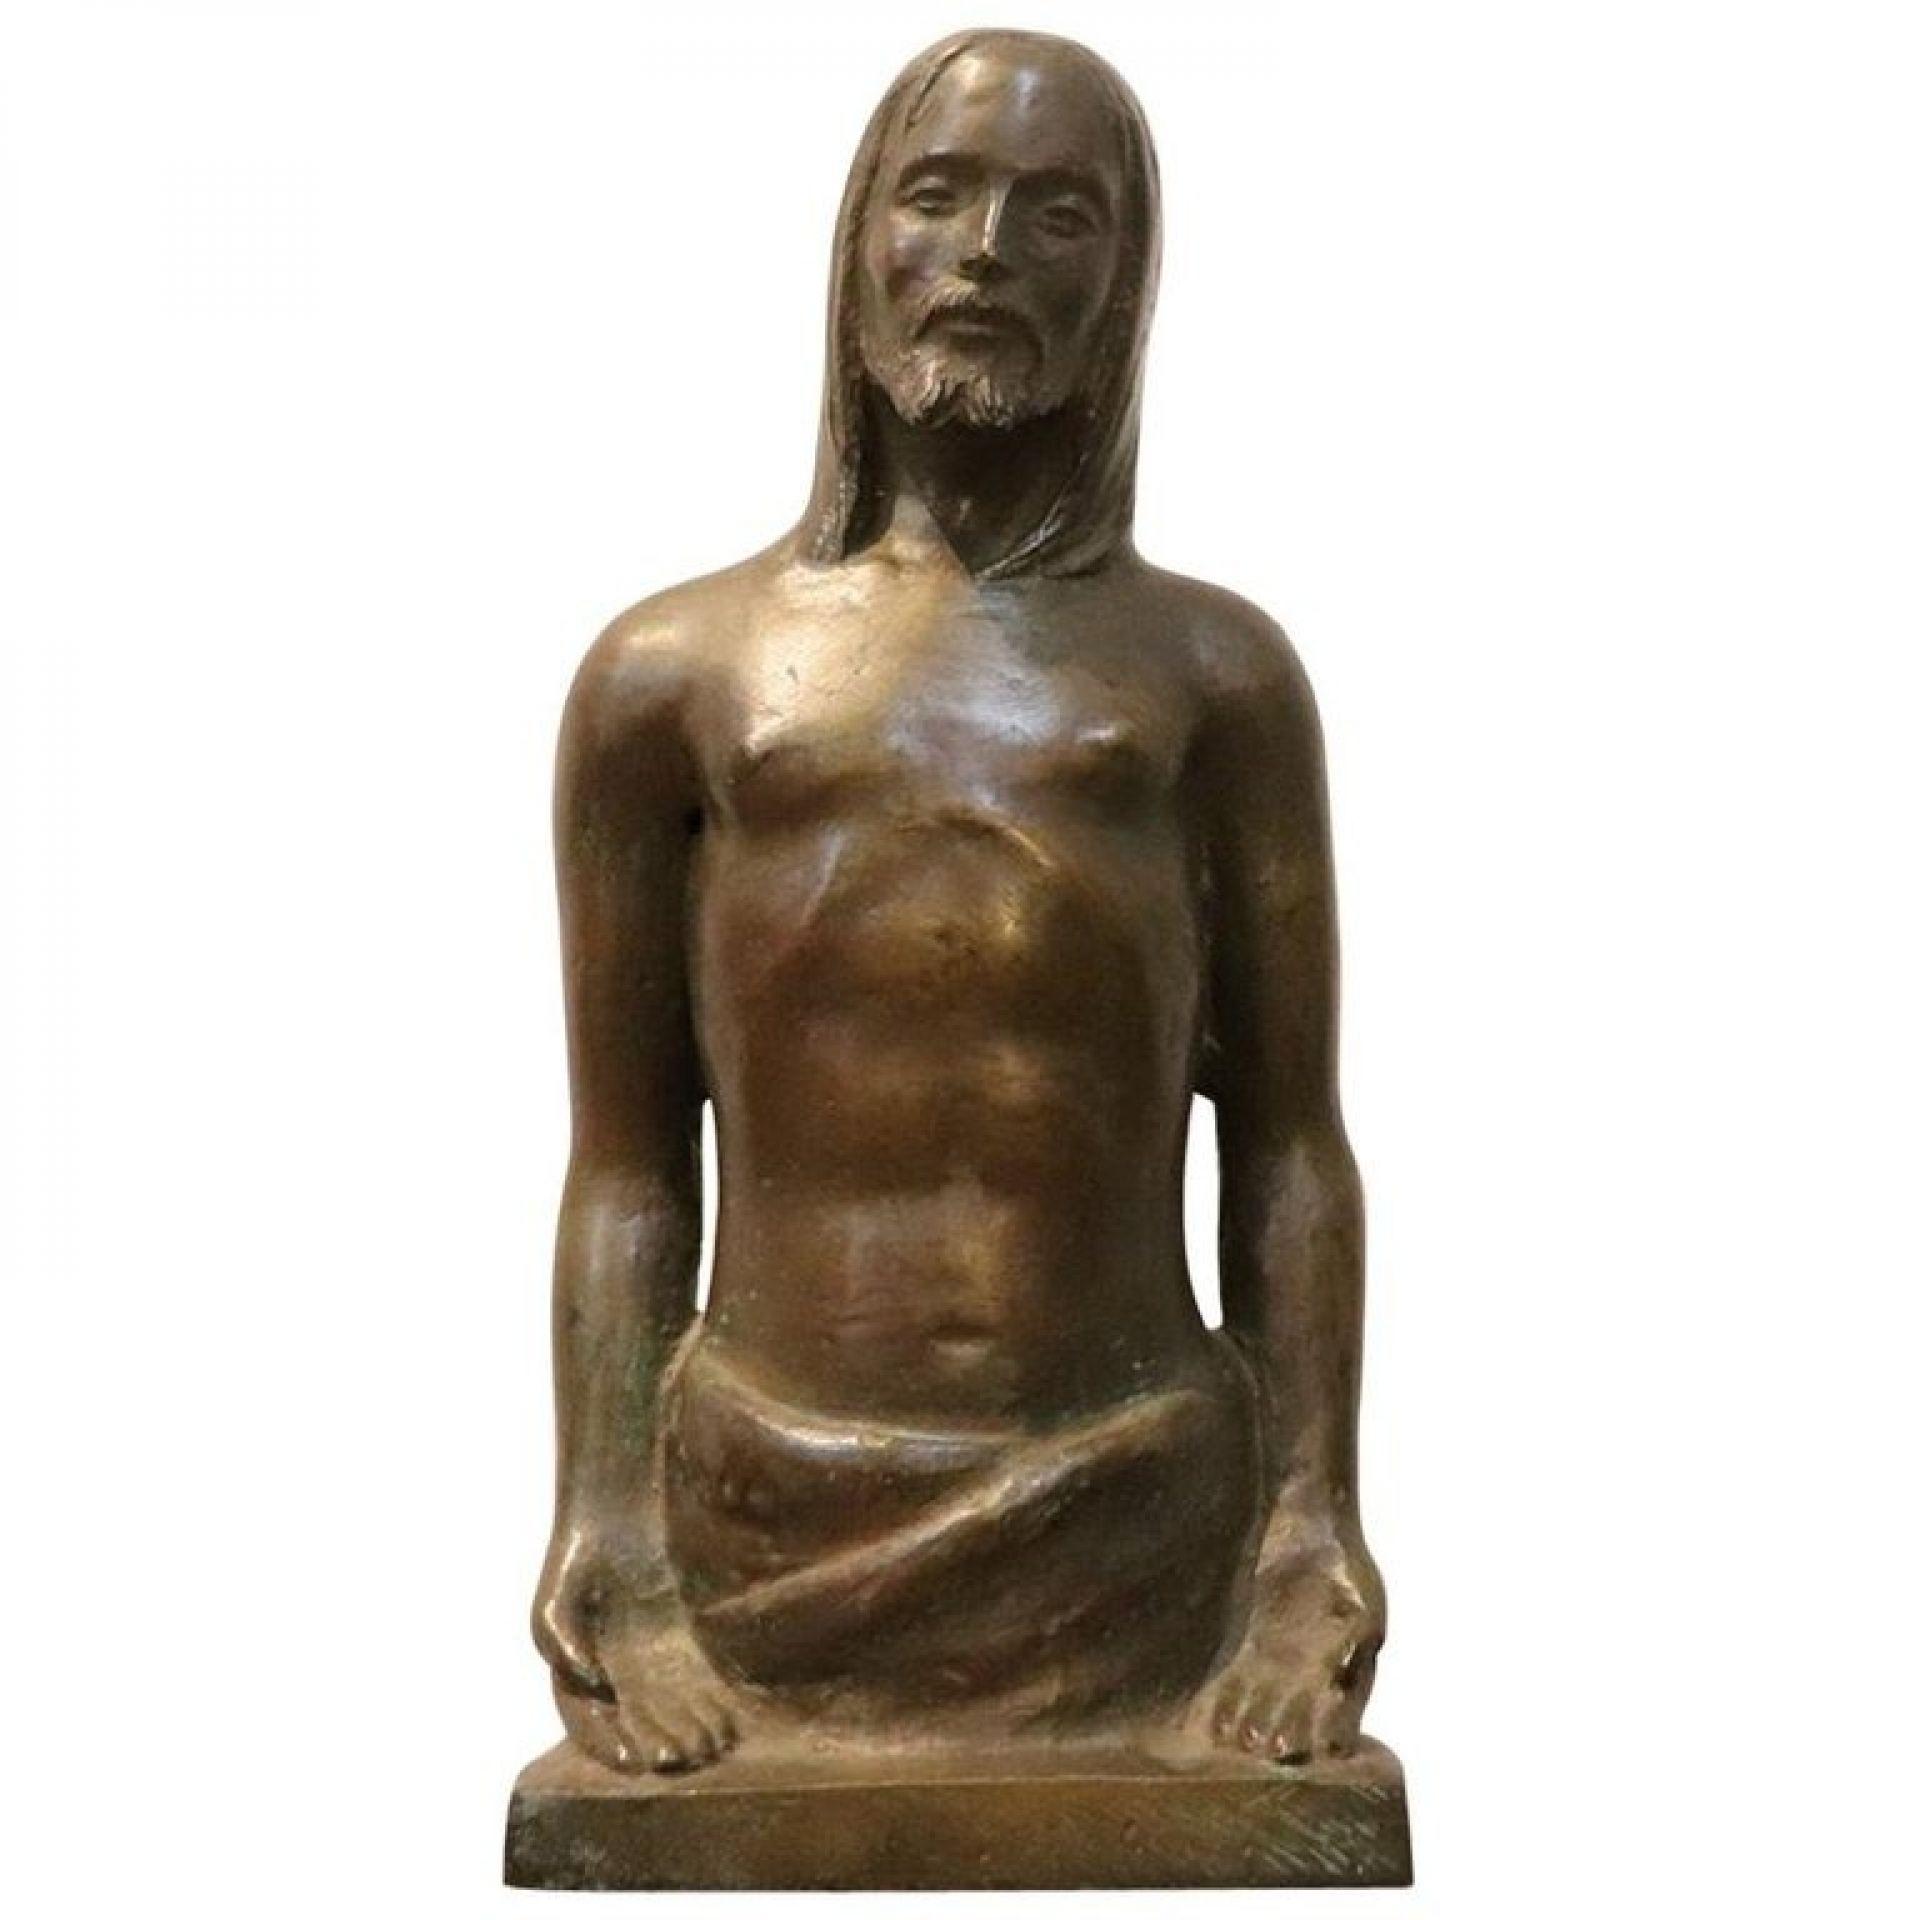 20th Century Italian Art Deco Sculpture in Bronze Religious Subject, Christ